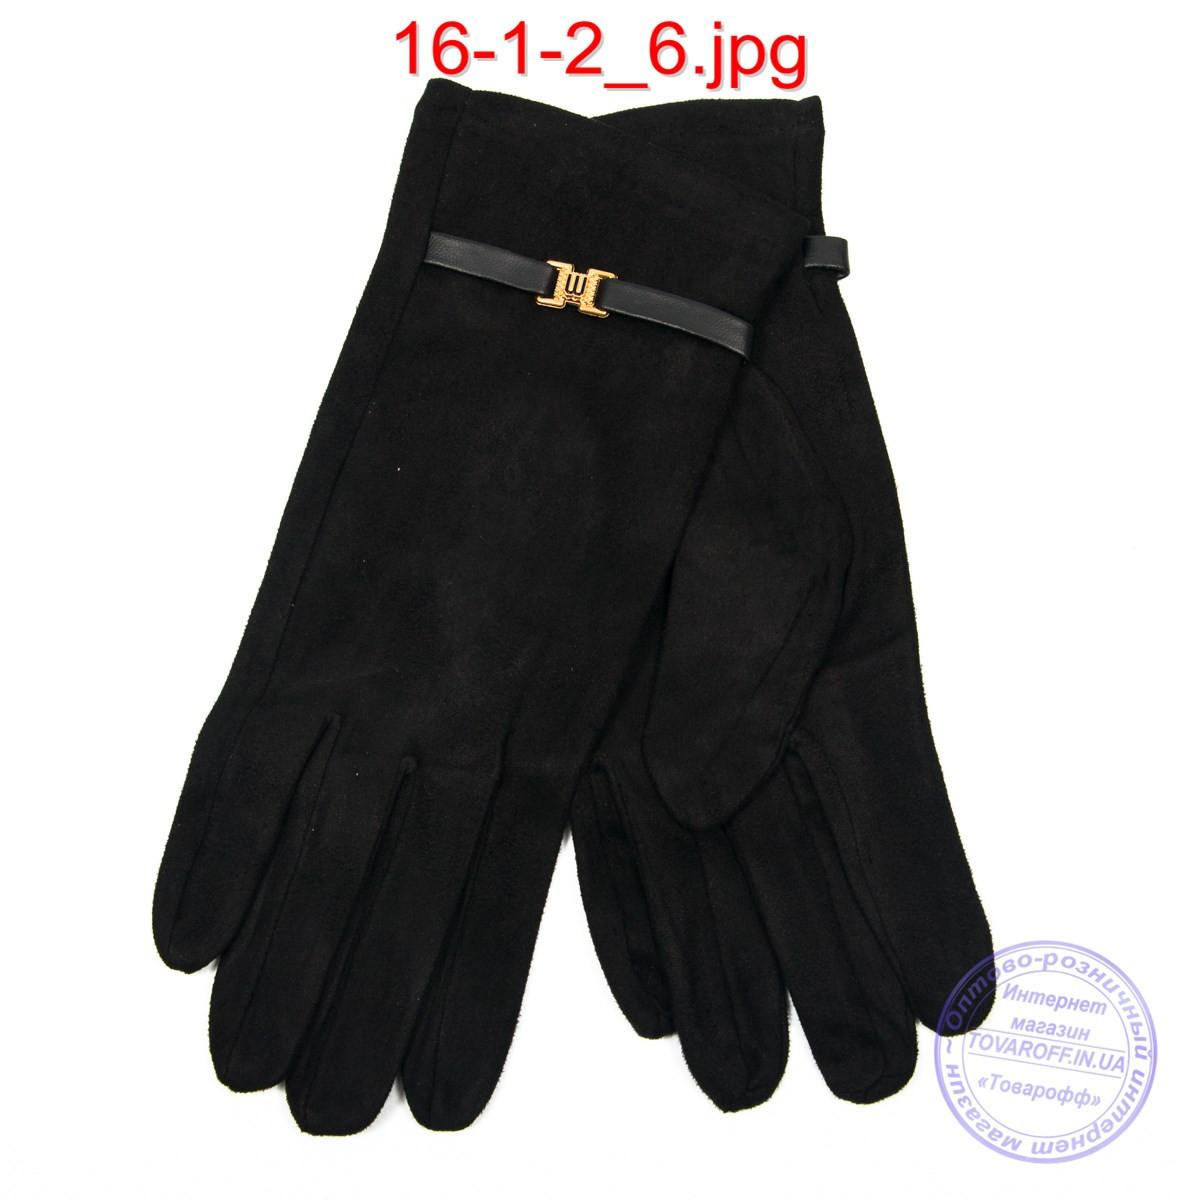 Женские велюровые перчатки с плюшевым утеплителем - №16-1-2